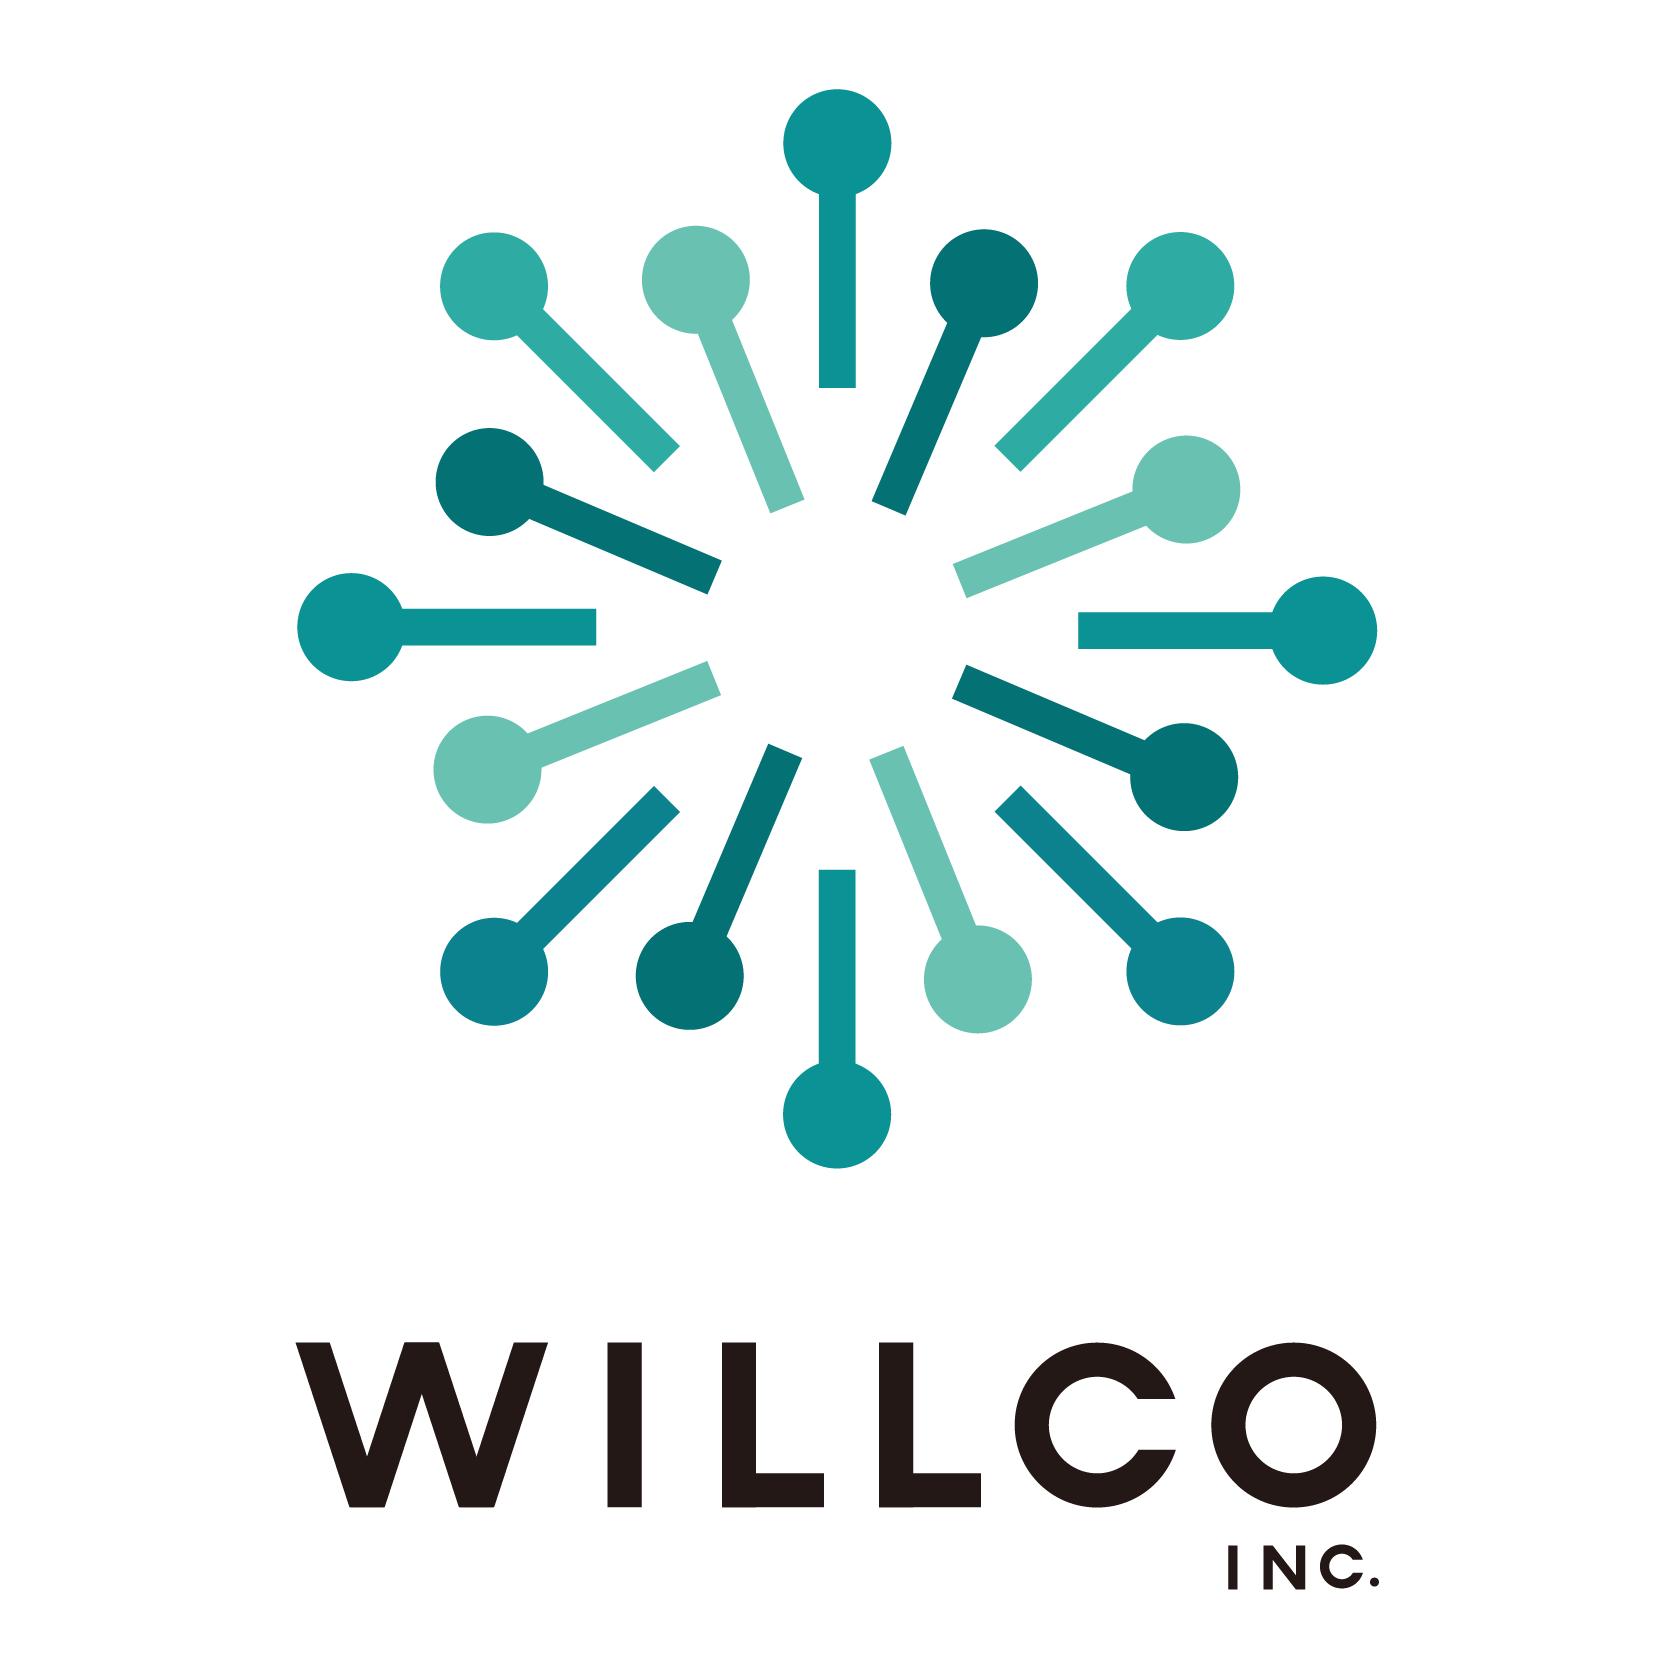 株式会社WILLCO